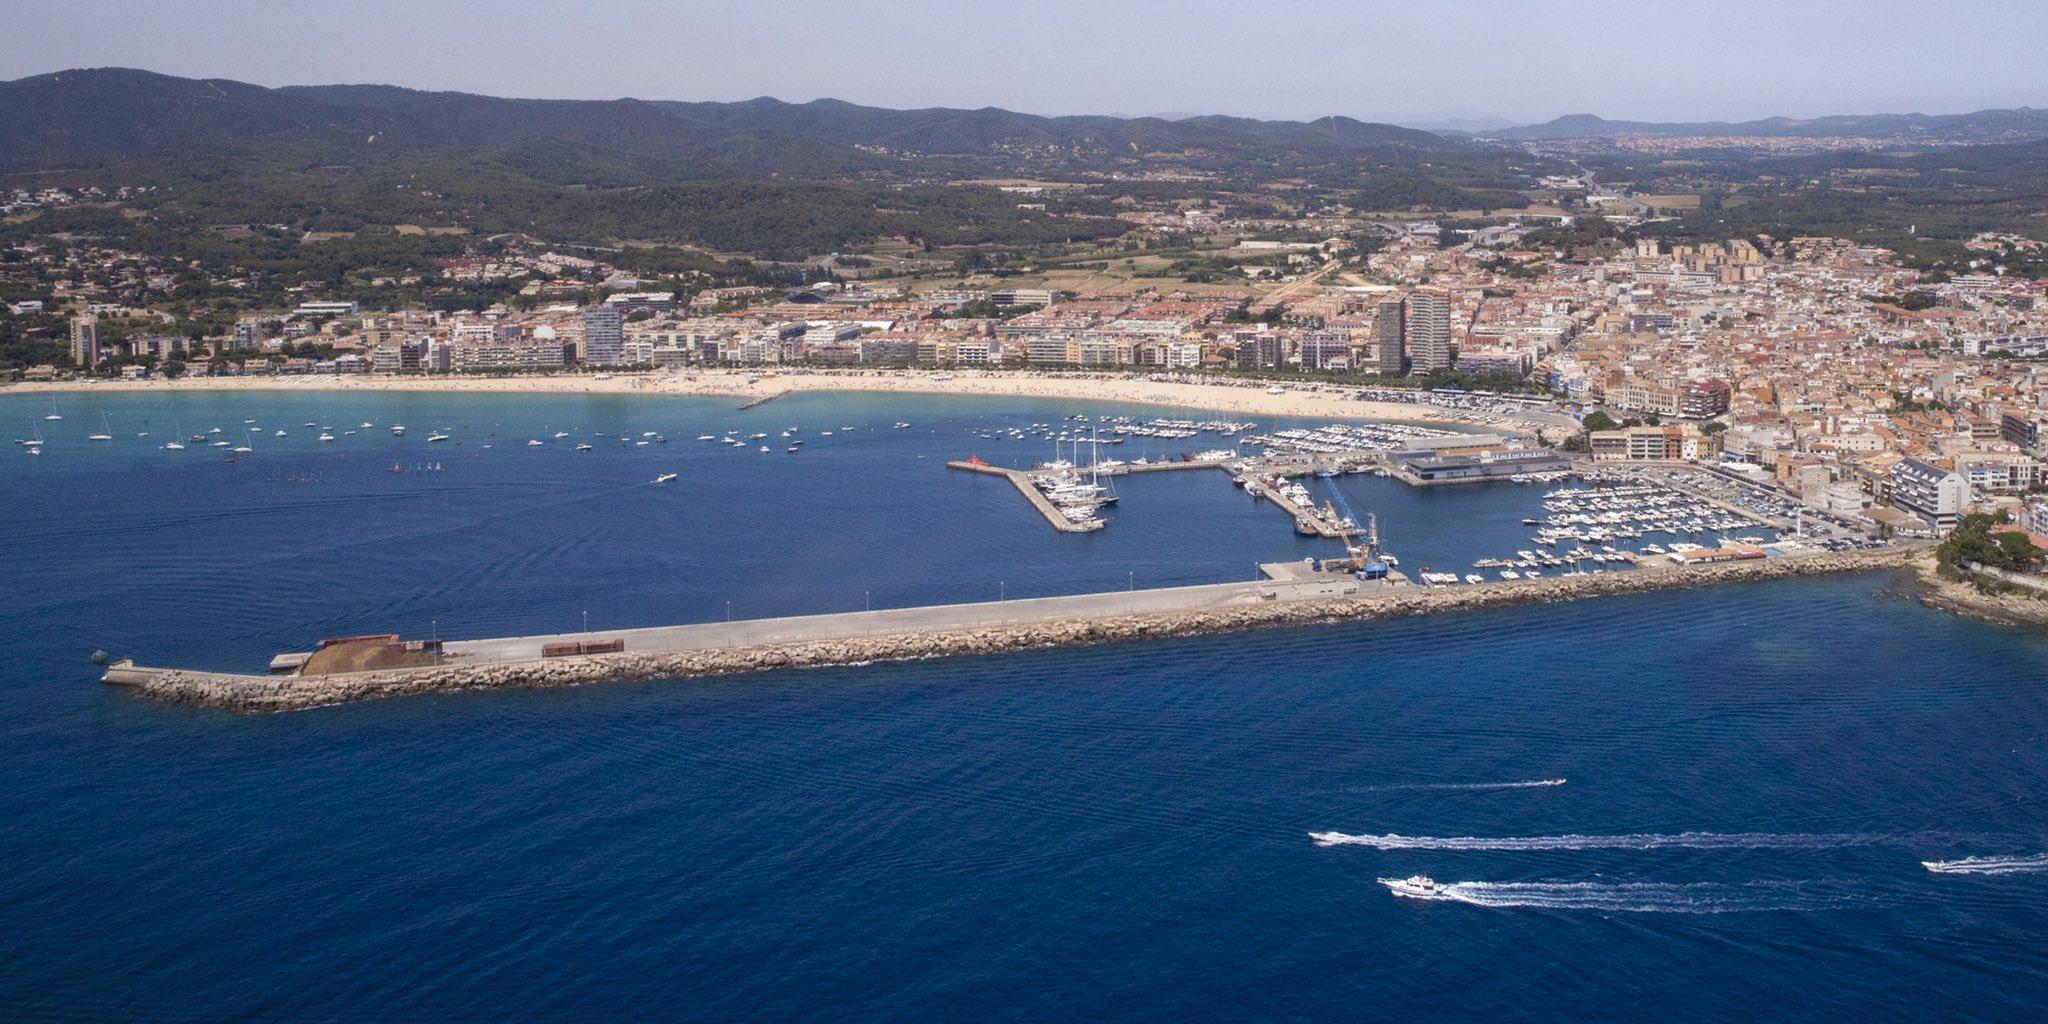 Vista aèria del Port de Palamós. (Foto: Ports de la Generalitat).